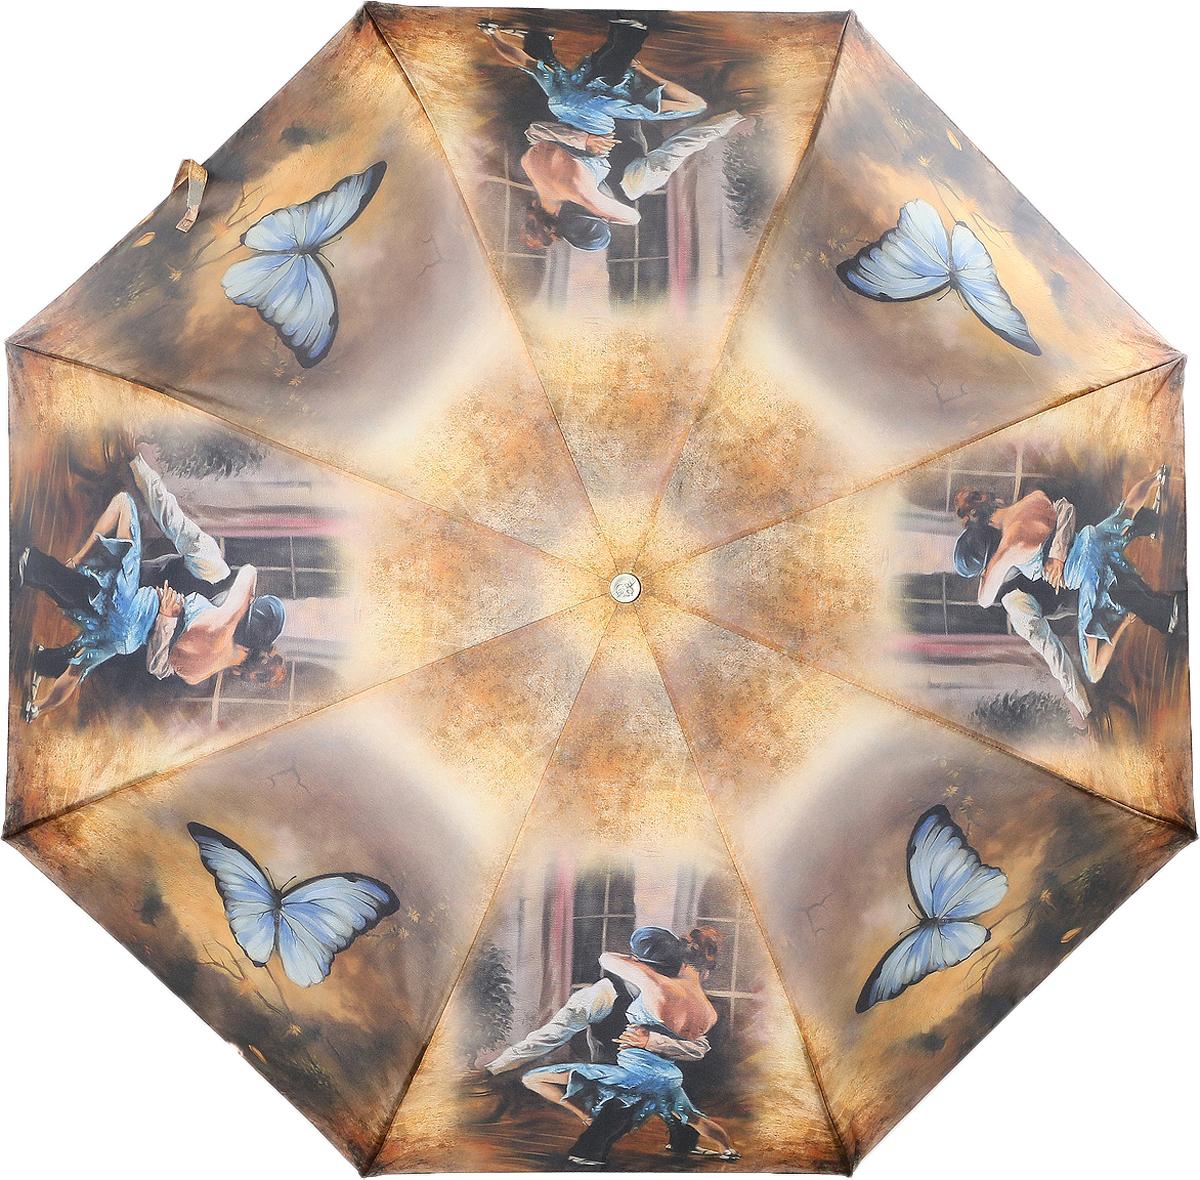 Зонт Trust 42375-1615, светло-коричневый, оранжевый, голубой зонт женский trust автомат 4 сложения цвет голубой сиреневый бледно розовый 42375 1619